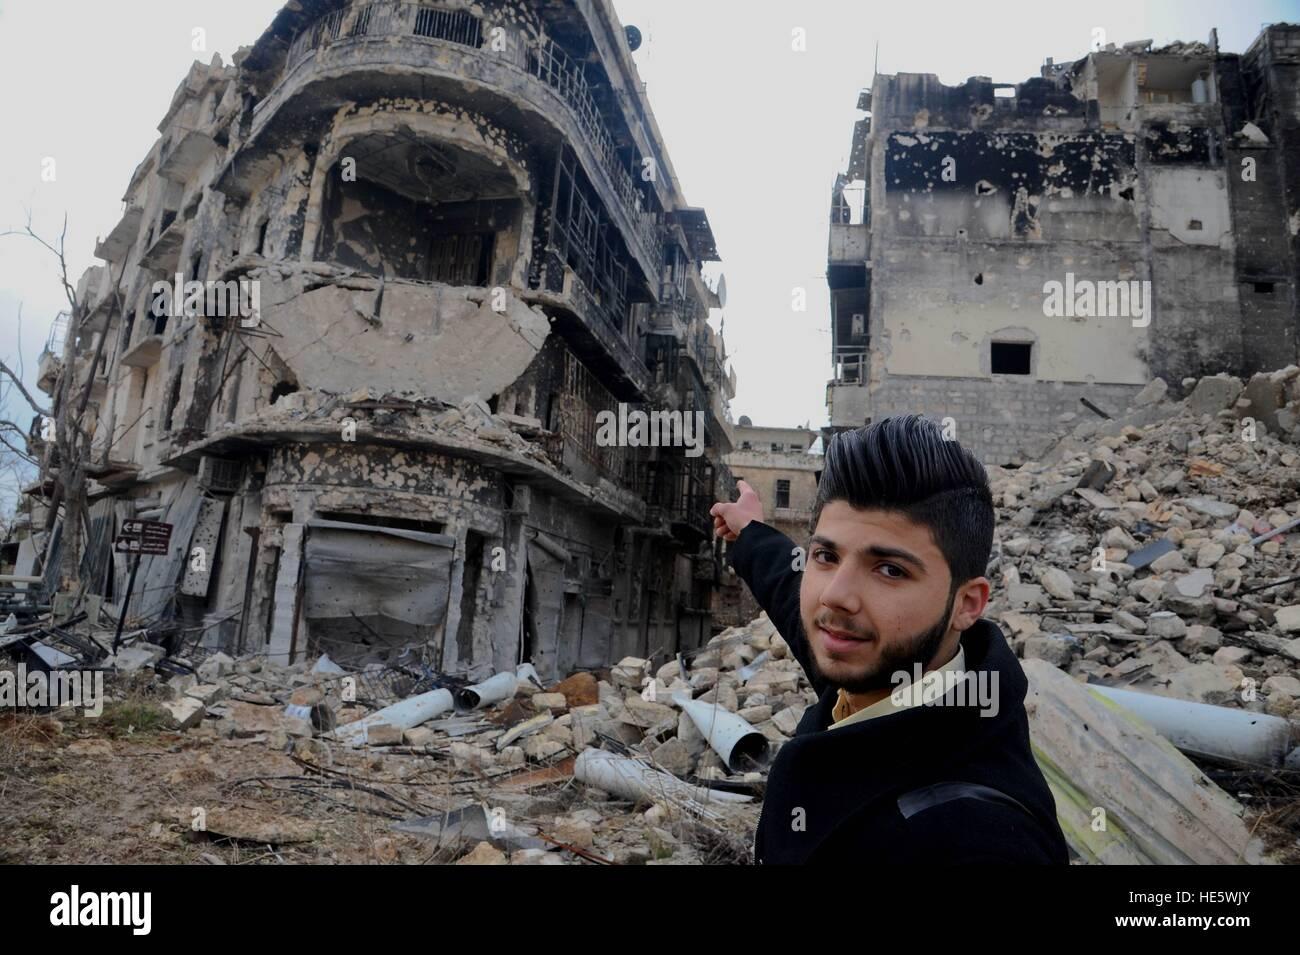 Aleppo, Siria. Xvii Dec, 2016. Un uomo di punti a un edificio in cui viveva in presso la vecchia città di Aleppo, Immagini Stock